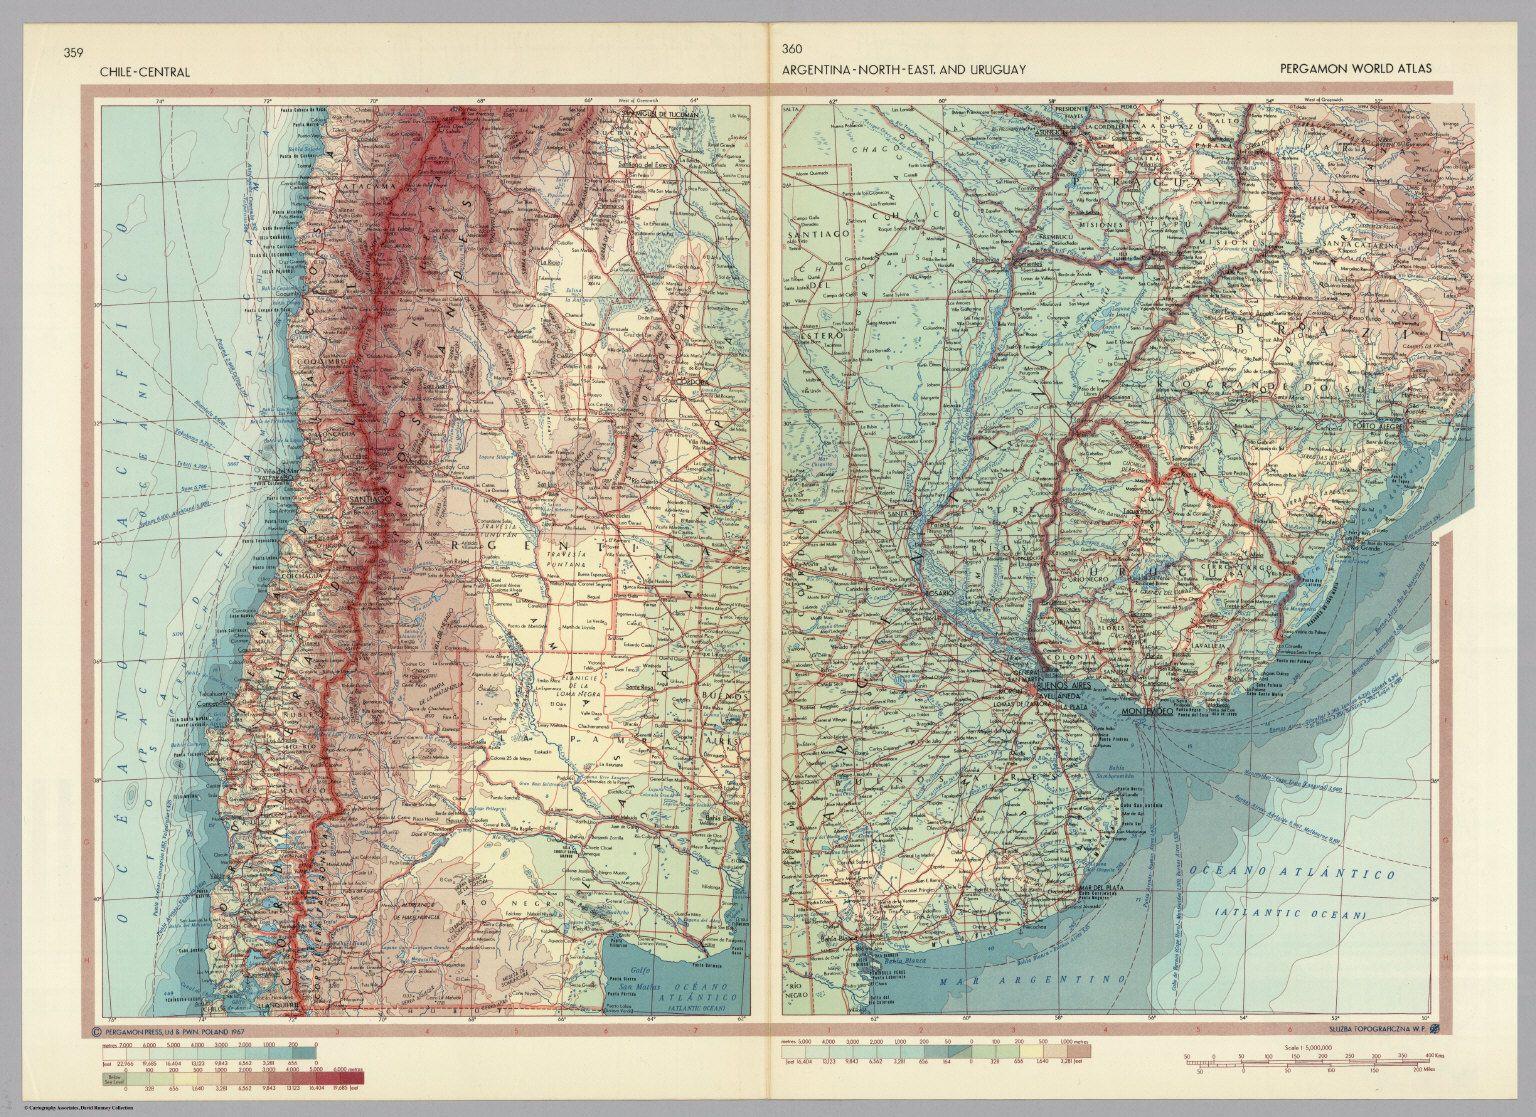 Mapa Historico Chile Central Argentina Al Norteoriental Y - Uruguay map atlas